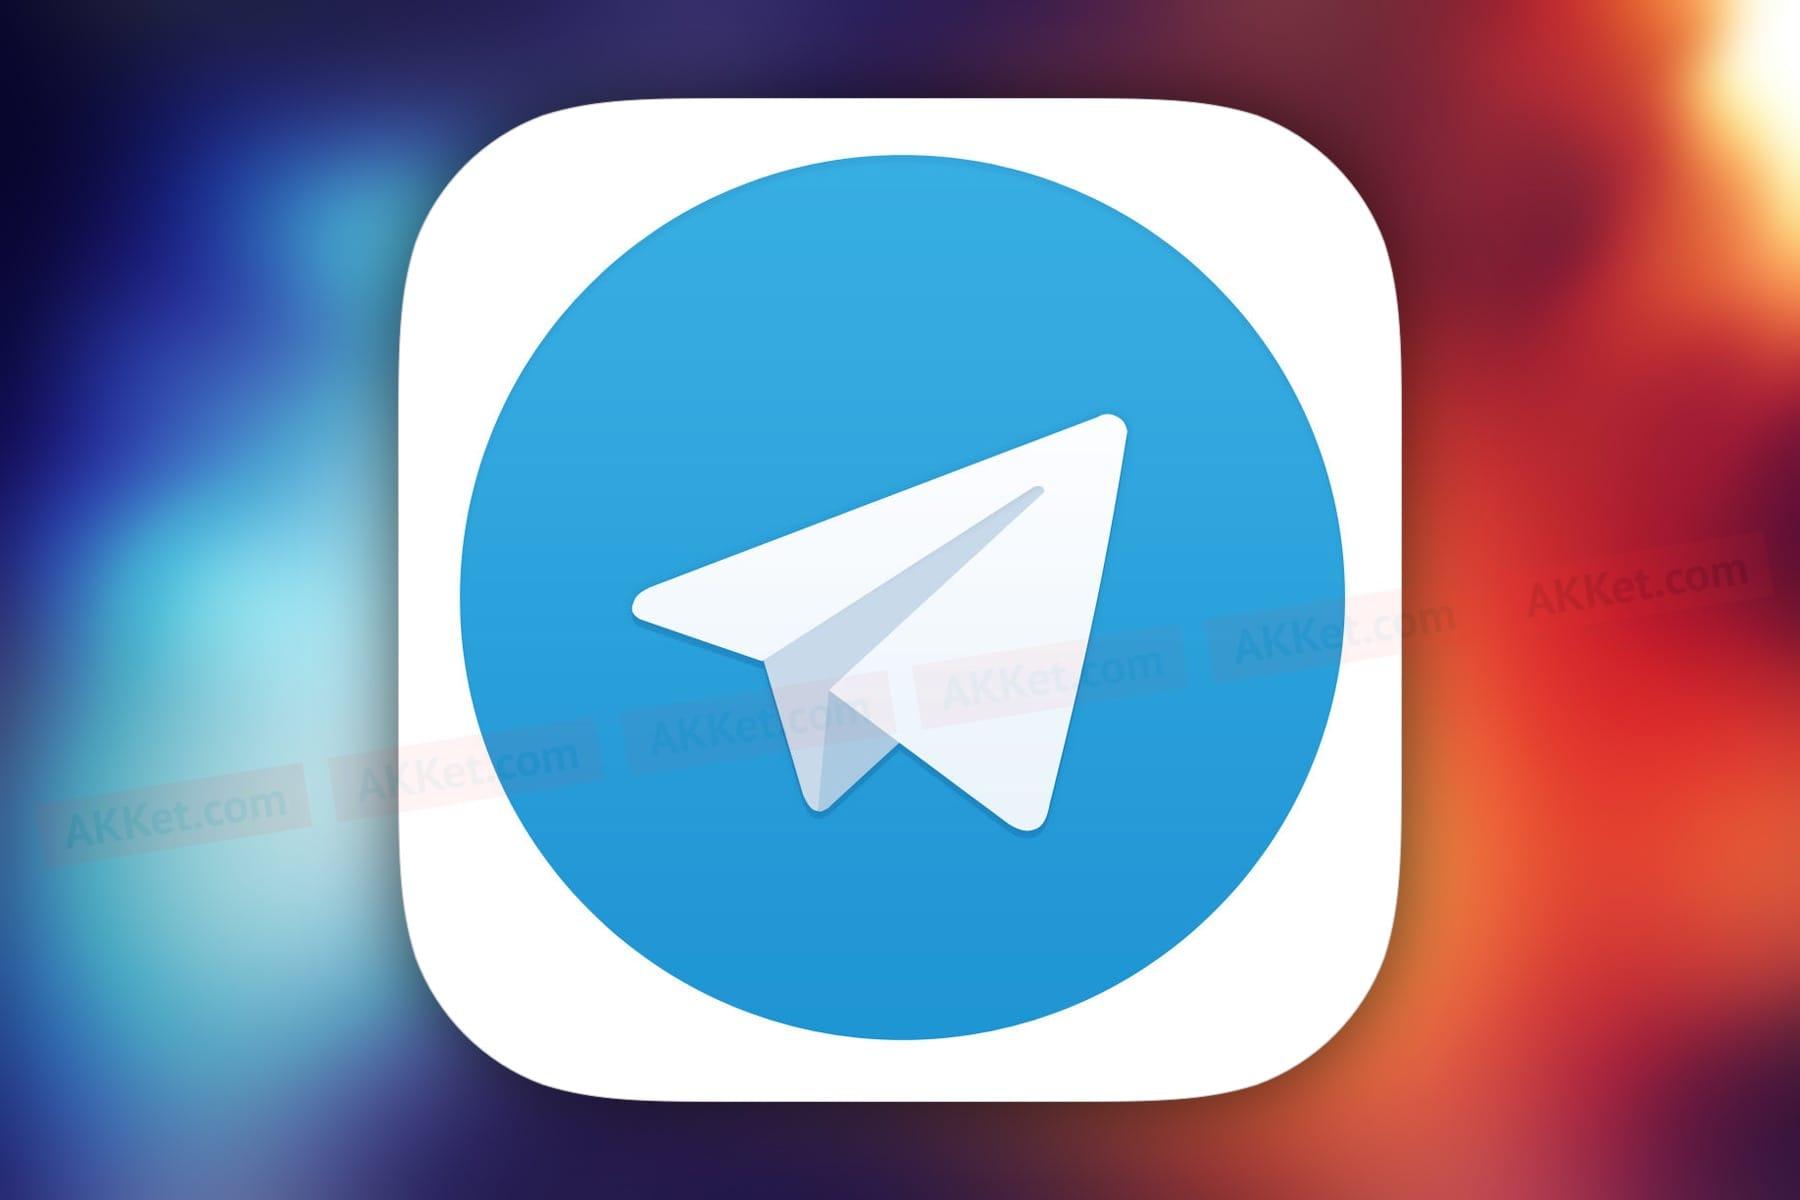 Юзеры Telegram подозревают, что мессенджер читает ихсообщения